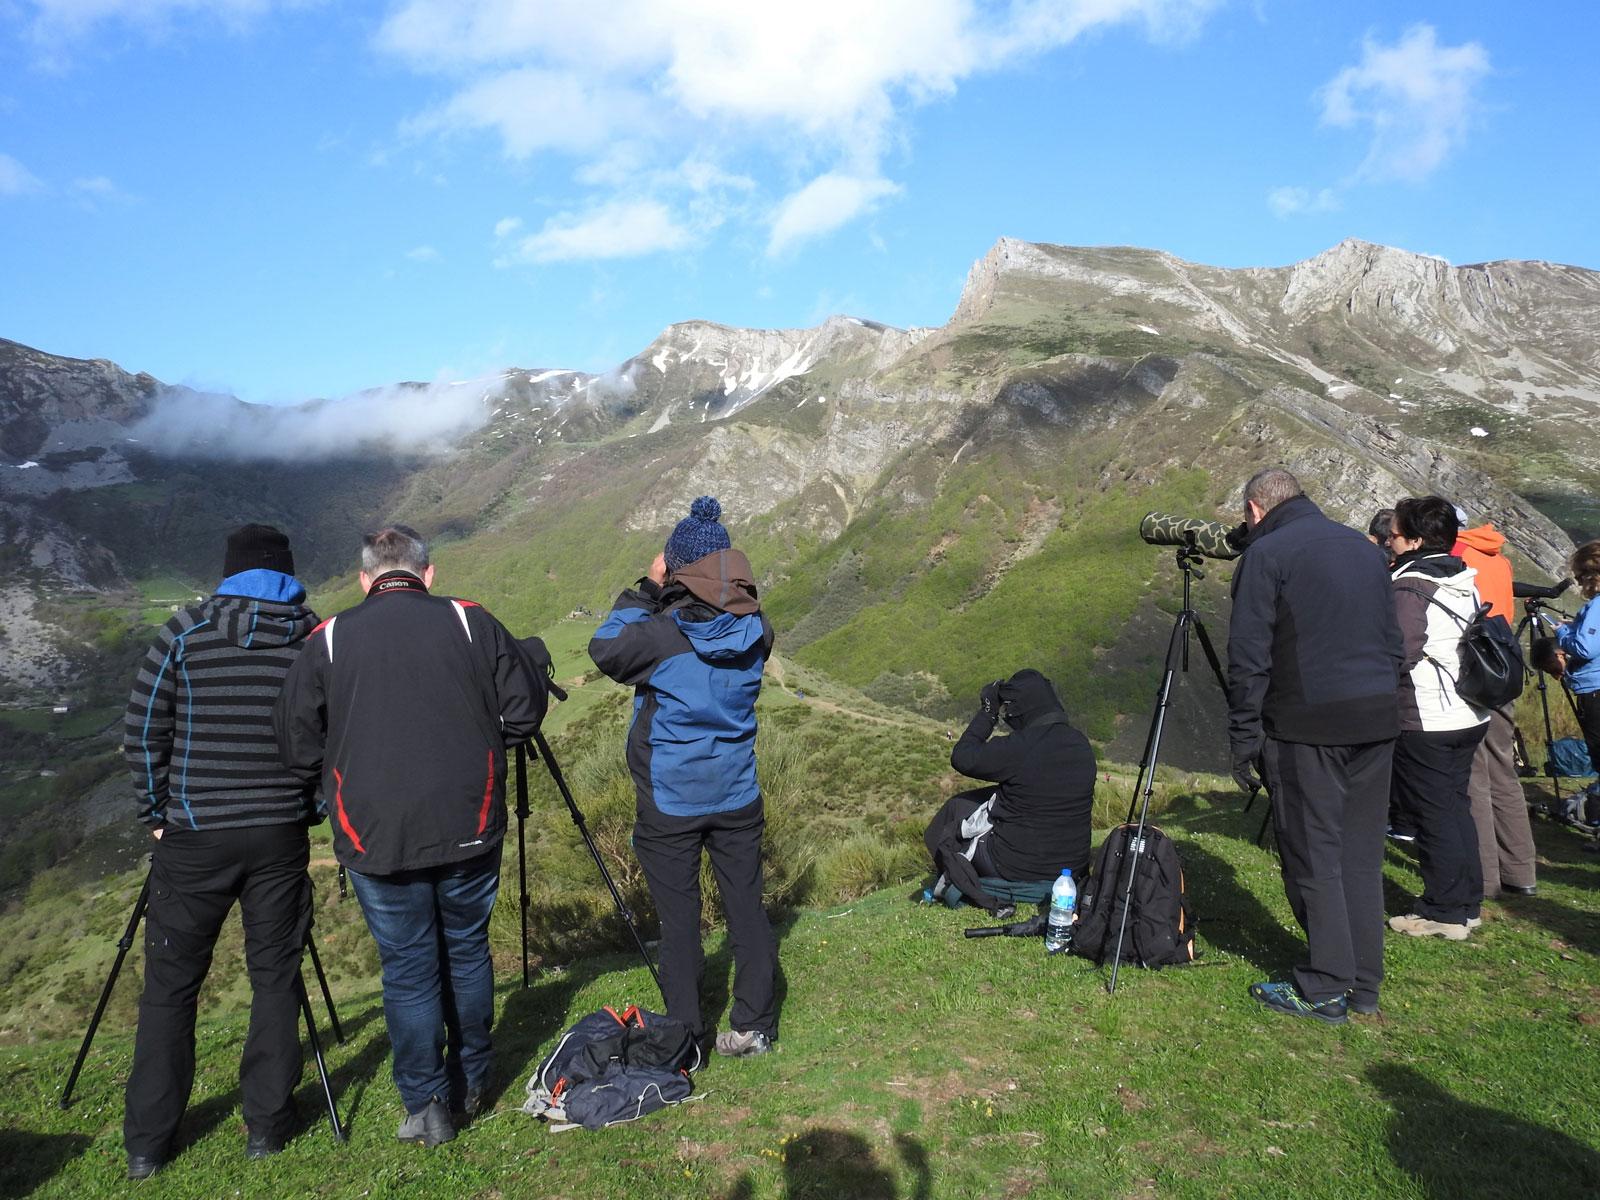 natureWatch, turismo de observación responsable